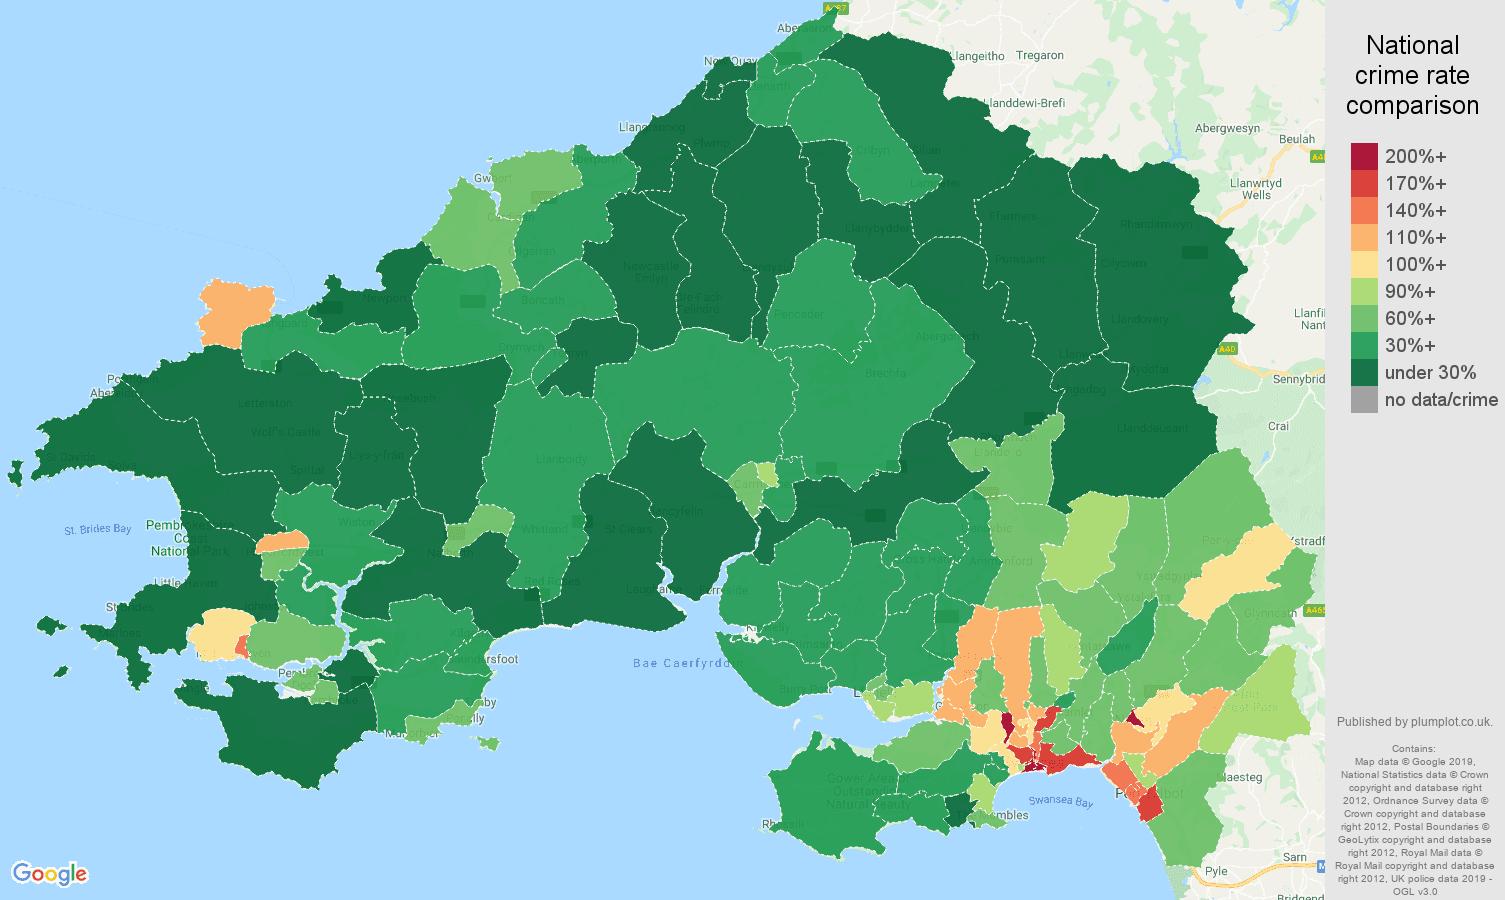 Swansea public order crime rate comparison map